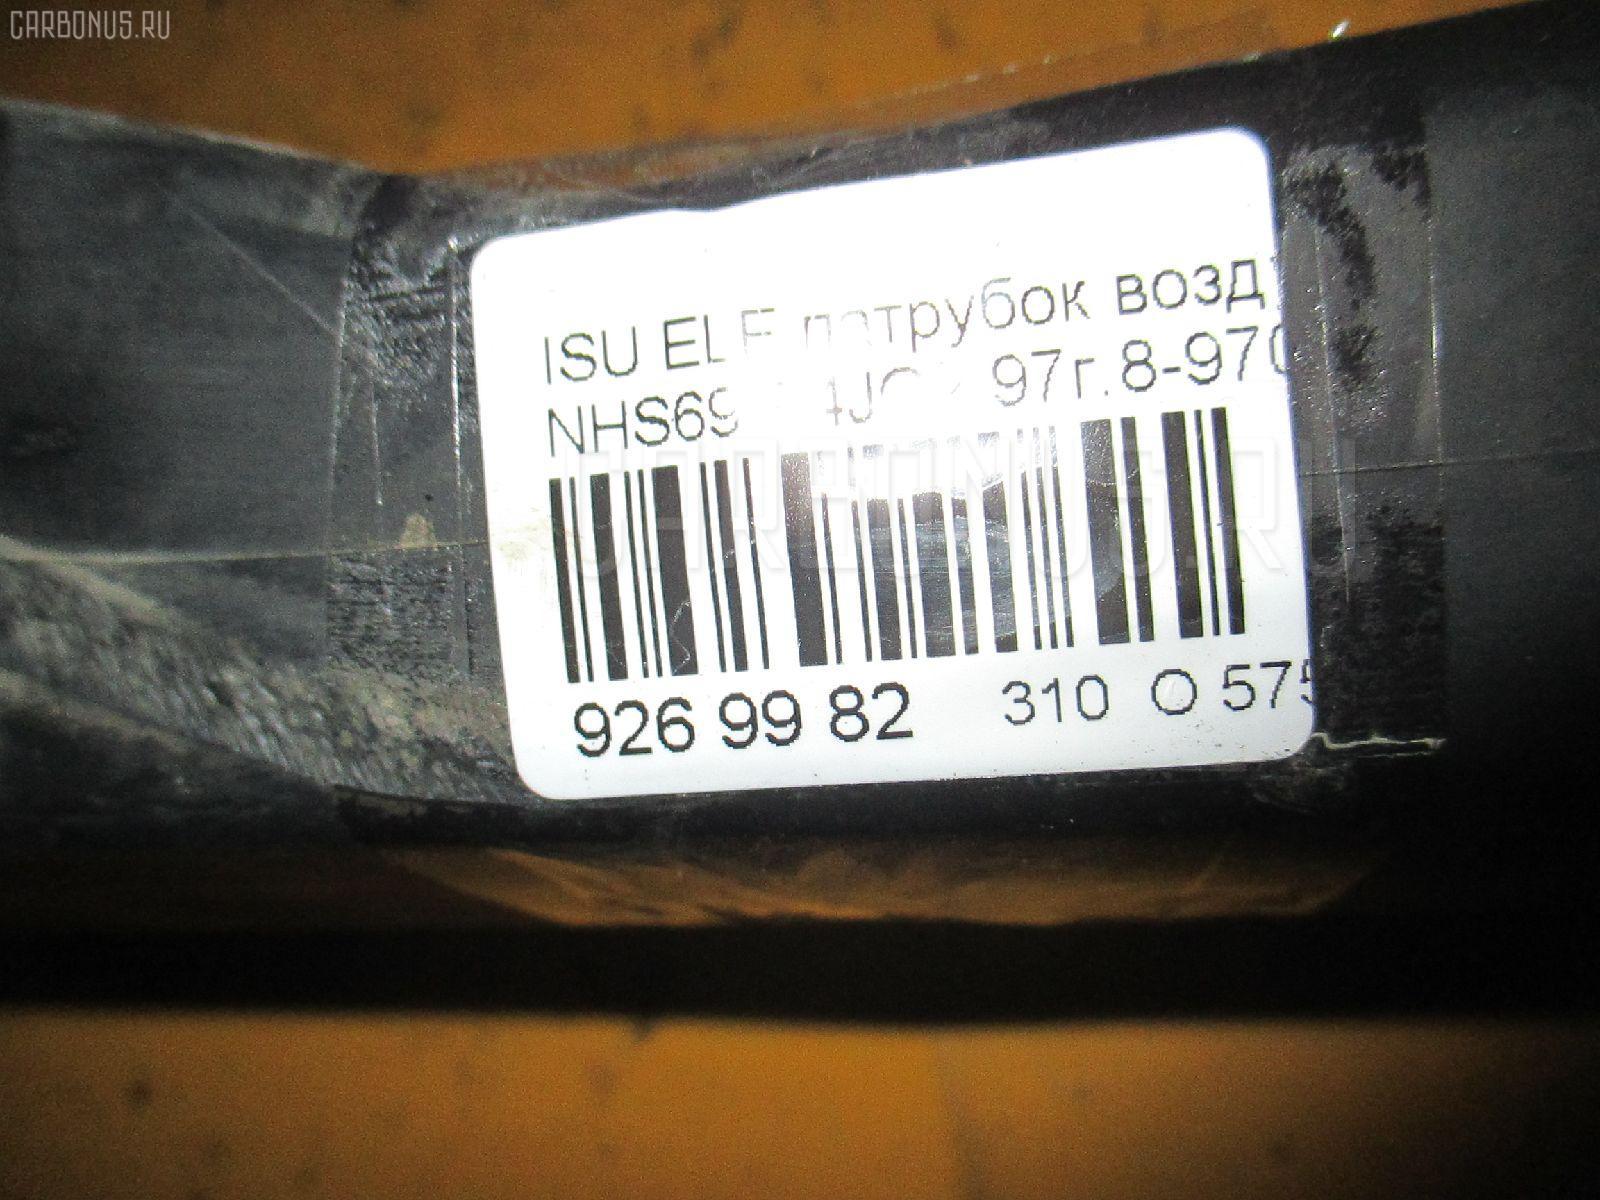 Патрубок воздушн.фильтра ISUZU ELF NHS69E 4JG2 Фото 6